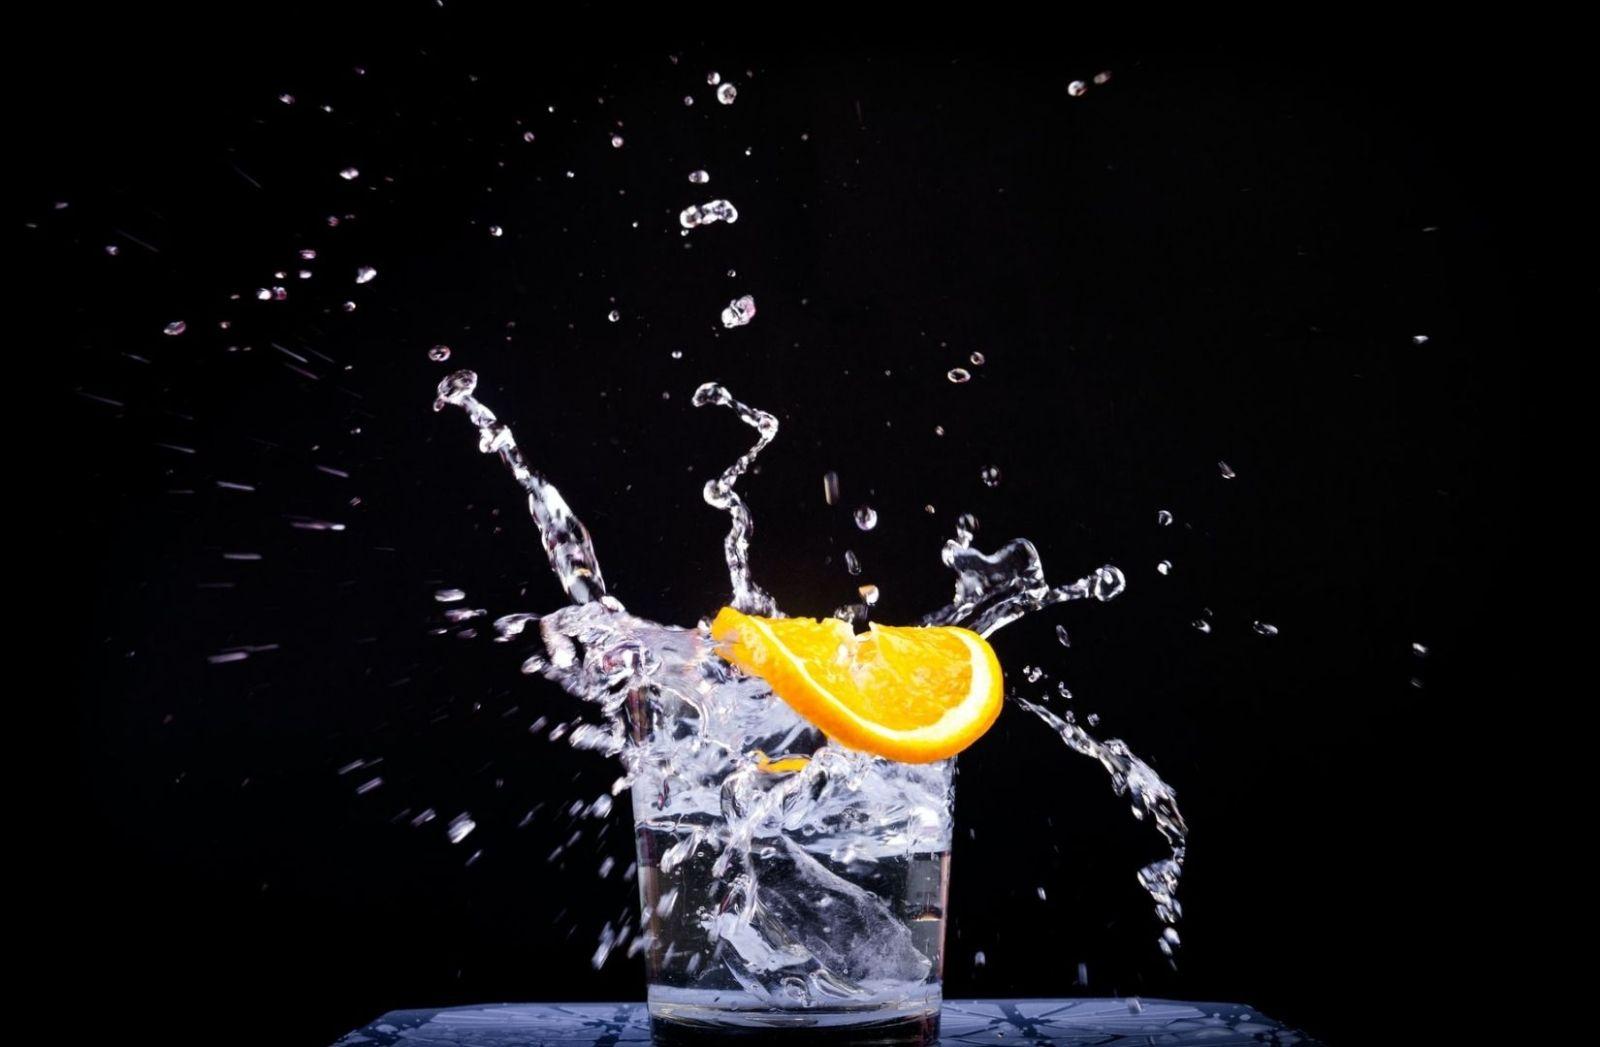 Wasser und Eis. (Foto: Thao Le Hoang, Unsplash.com)